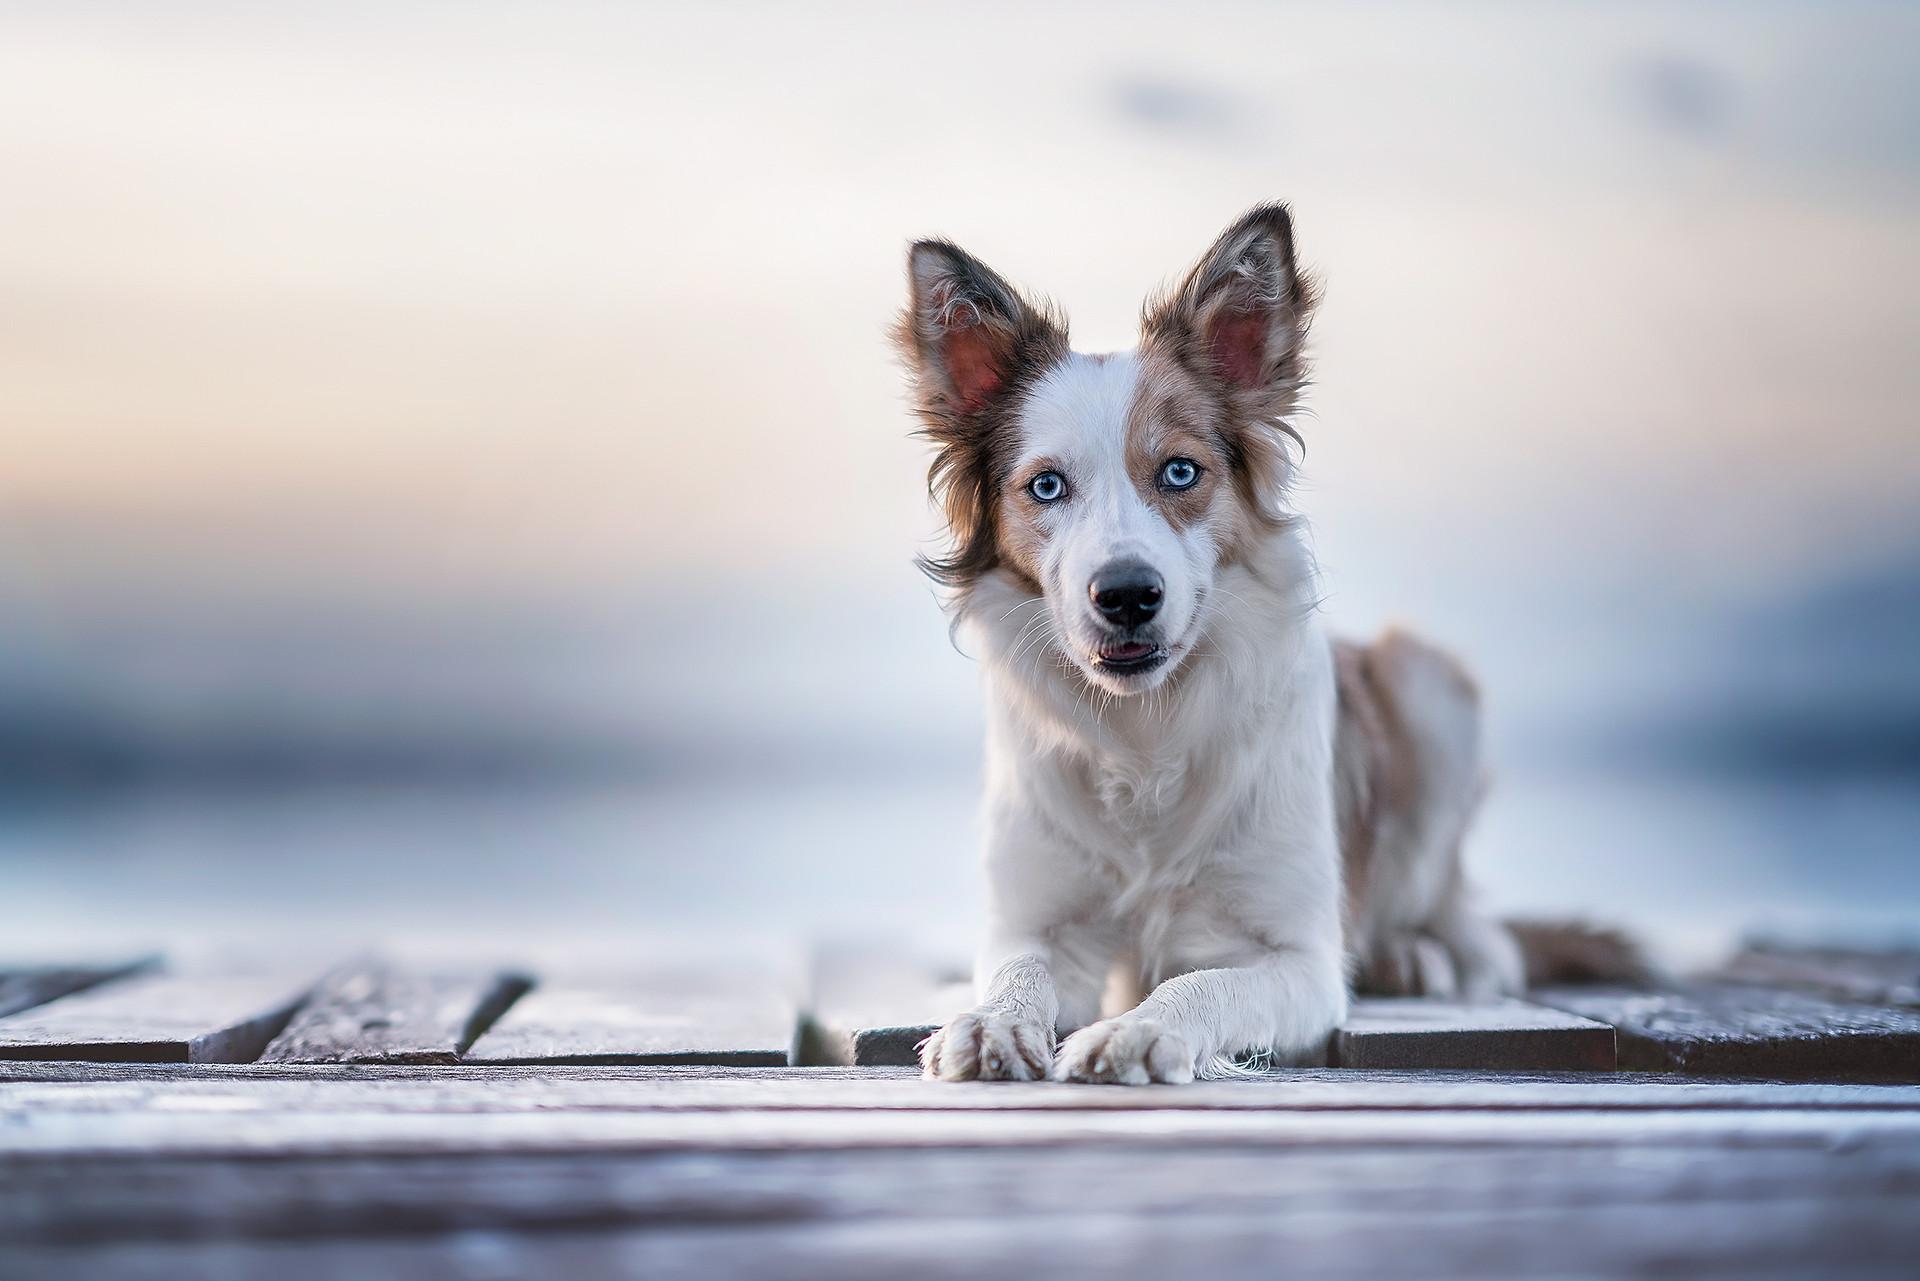 Hundefotografie.jpgLynnpix Photography I Hundefotografie in Graubünden, Zürich und der ganzen Schweiz